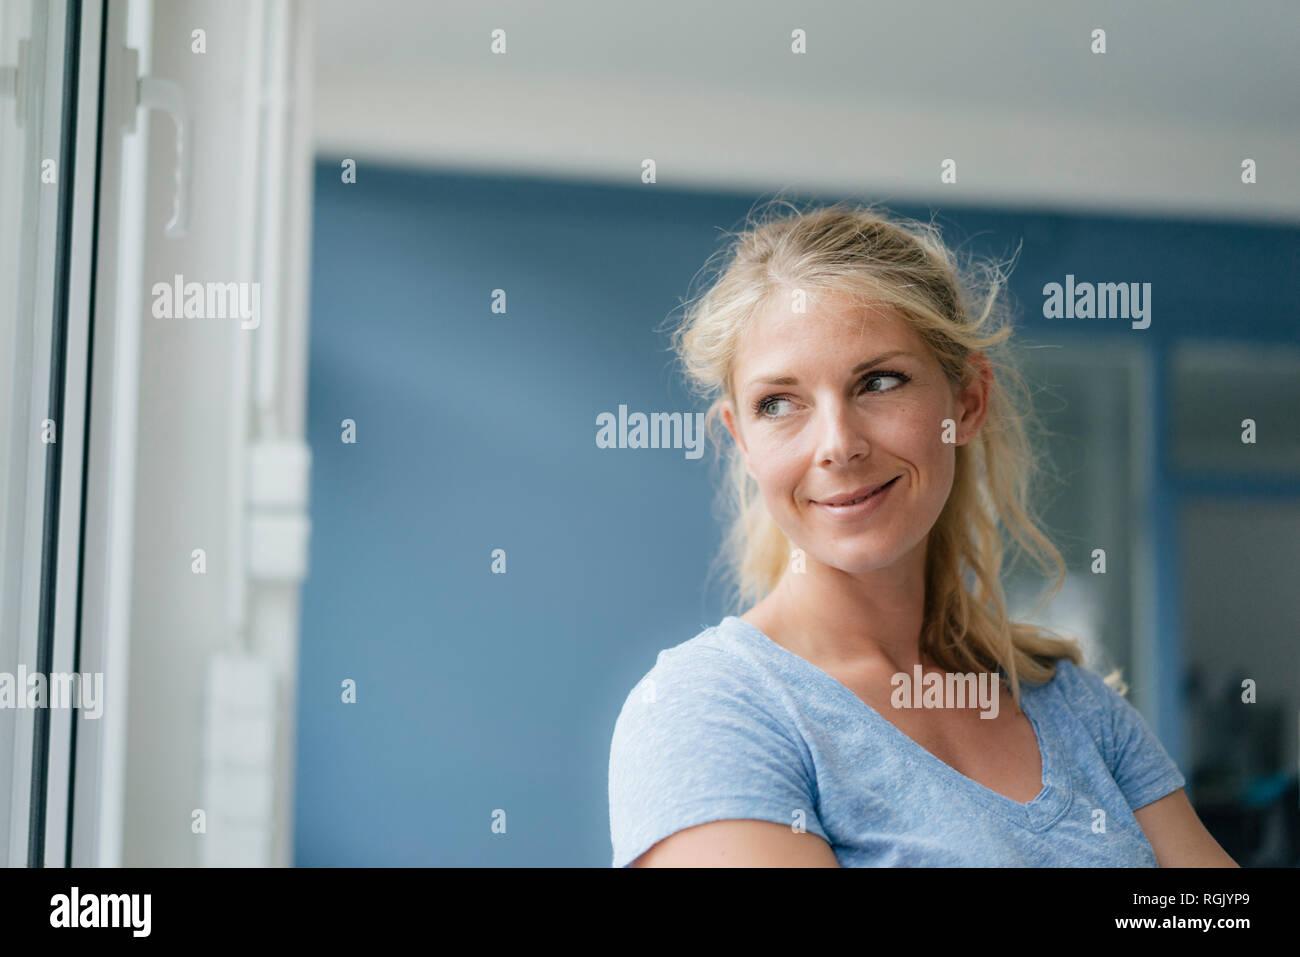 Portrait von lächelnden blonde Frau, schauen, seitwärts Stockbild